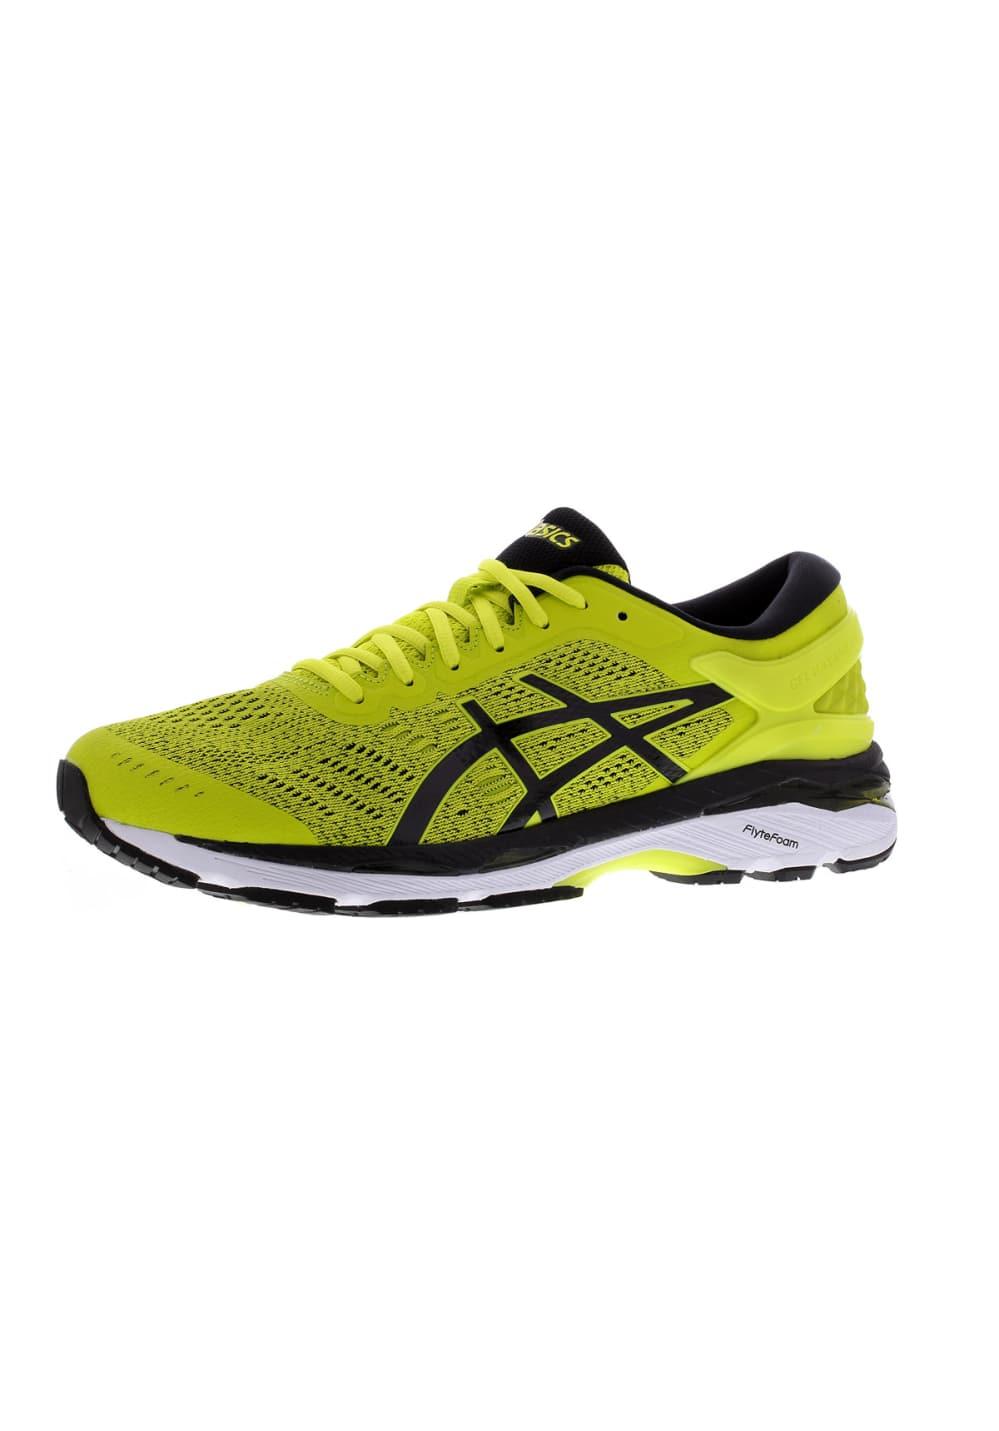 ASICS GEL-Kayano 24 - Laufschuhe für Herren - Gelb